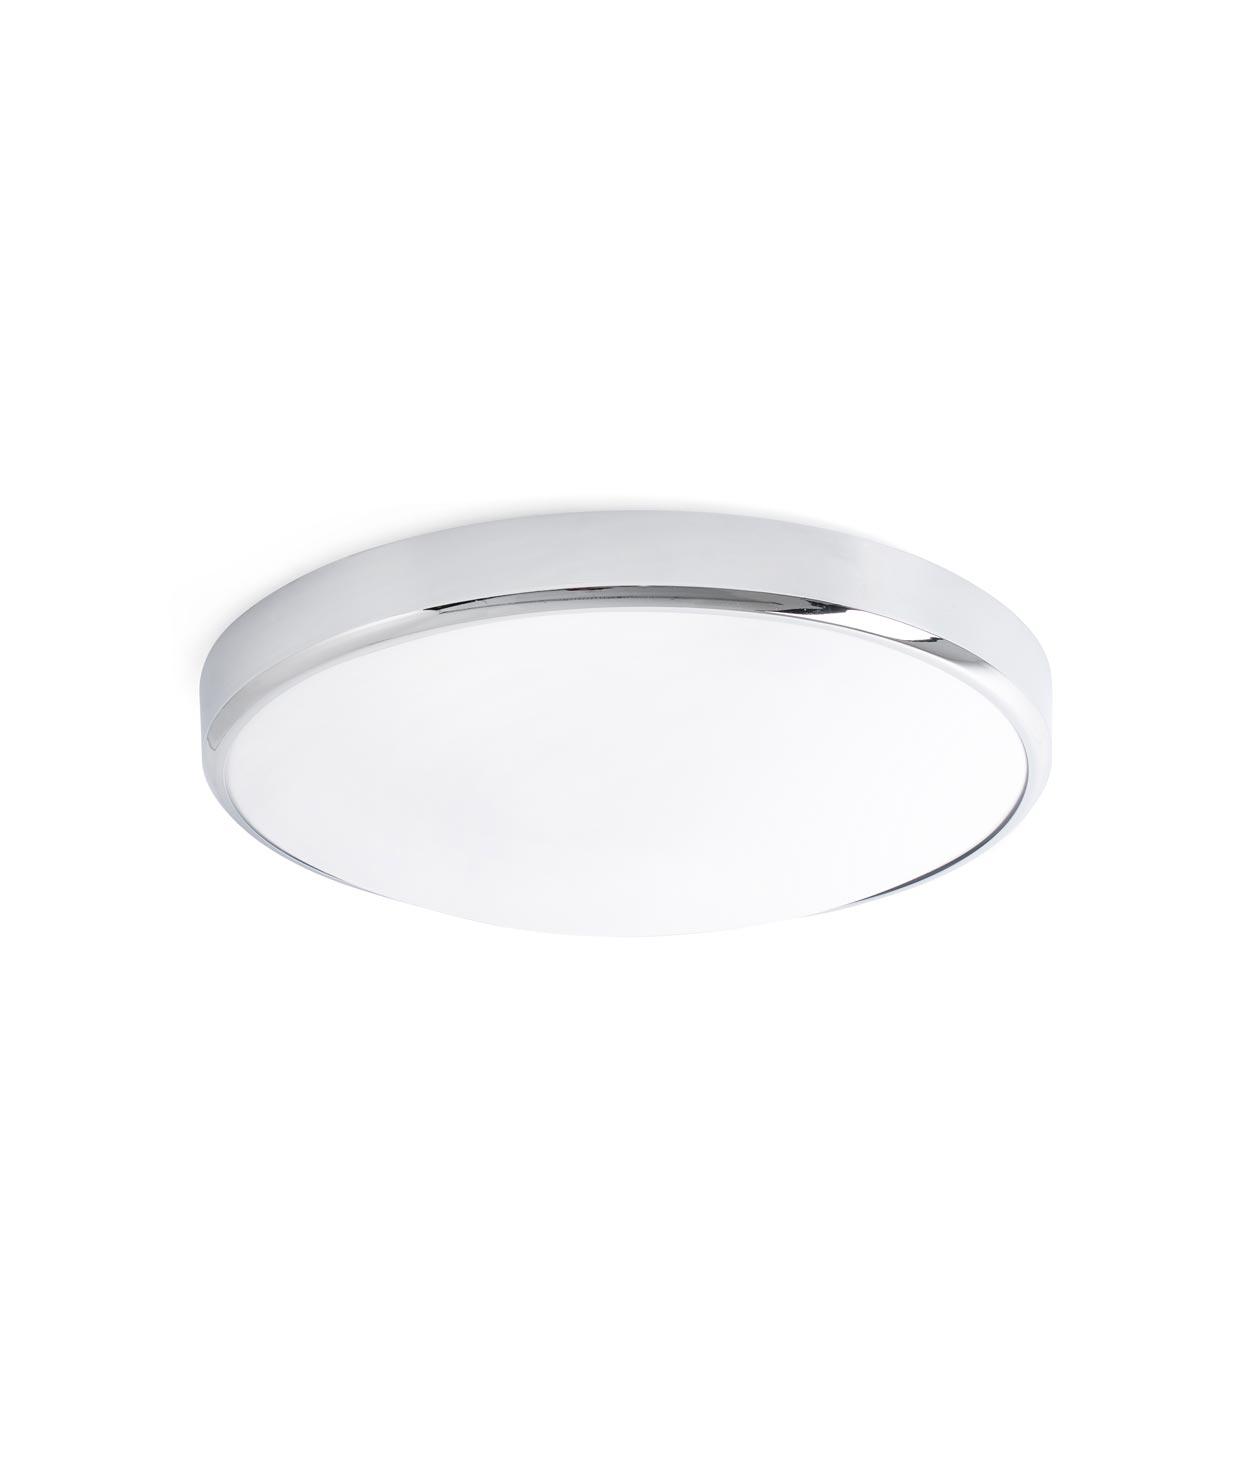 Plafón LED KAO aluminio